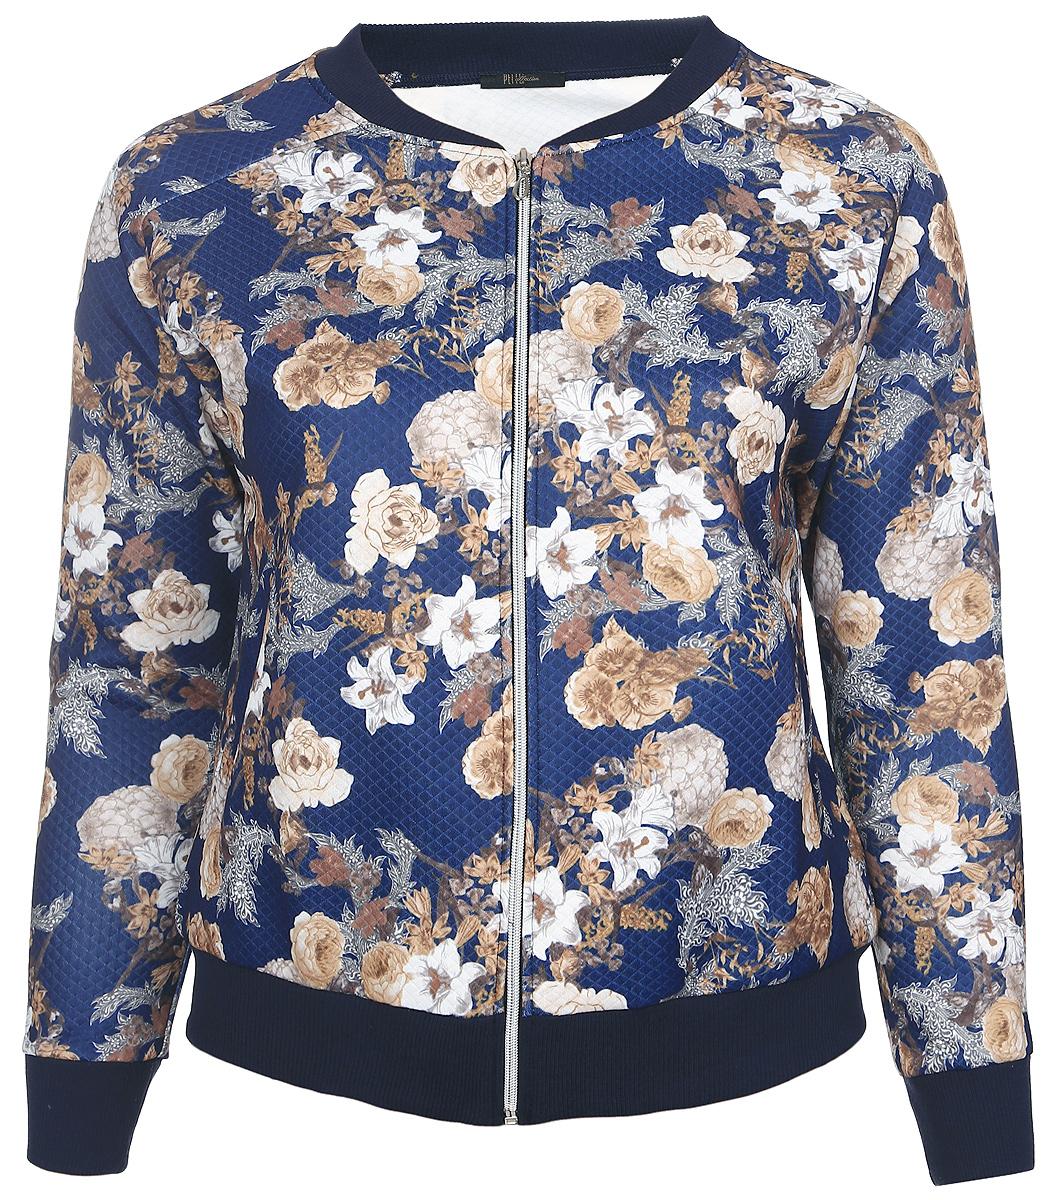 Куртка91645Легкая женская куртка Pettli Collection изготовлена из качественного полиэстера. Модель с небольшим воротником-стойка и длинными рукавами-реглан застегивается спереди на застежку молнию. Воротник, низ изделия и рукава дополнены трикотажными резинками. Куртка имеет по бокам два прорезных кармана. Оформлена модель цветочным принтом.